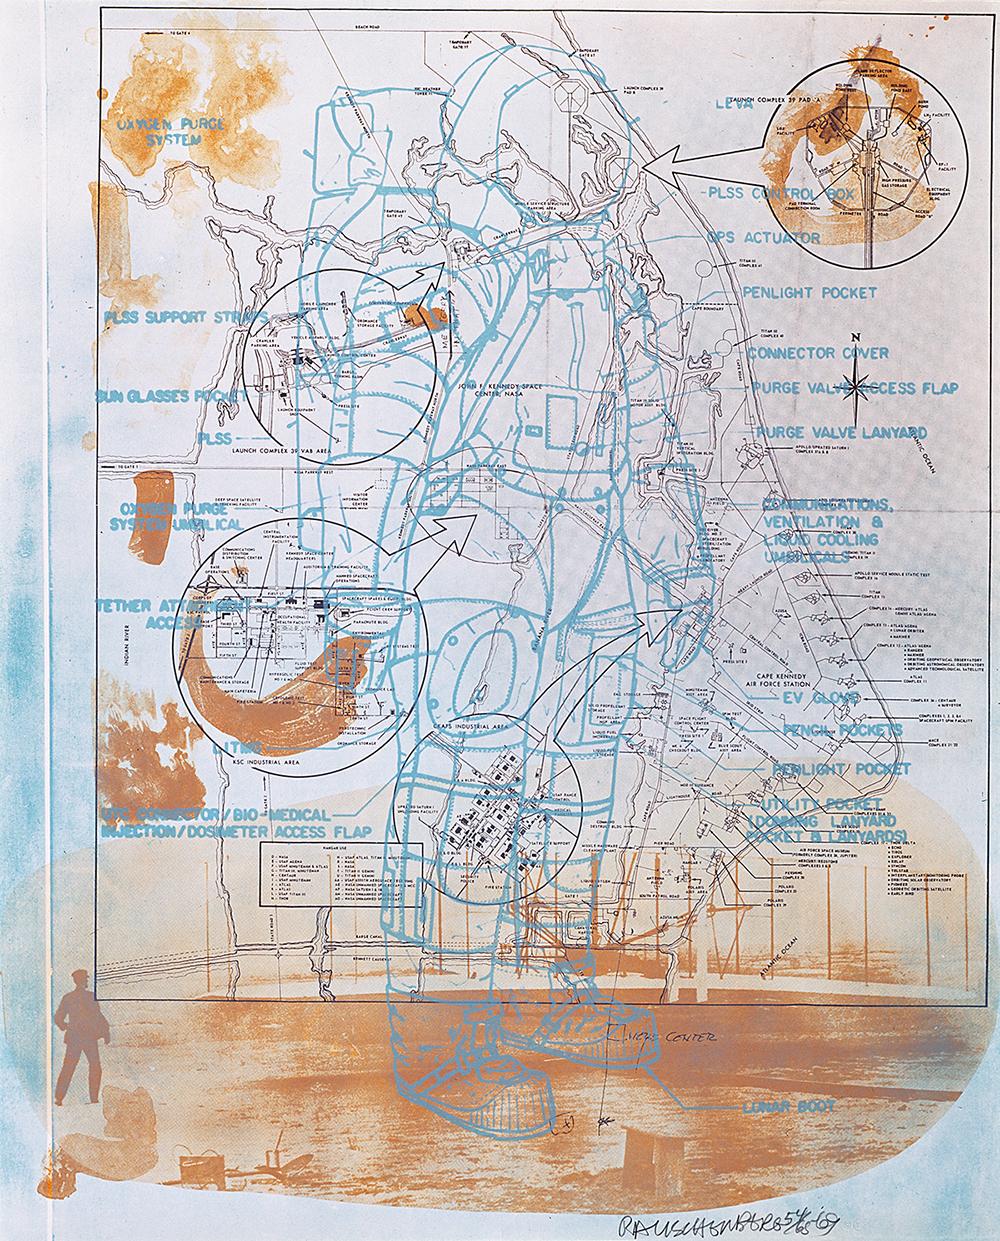 Robert Rauschenberg - Stoned Moon Series, 1969/1970